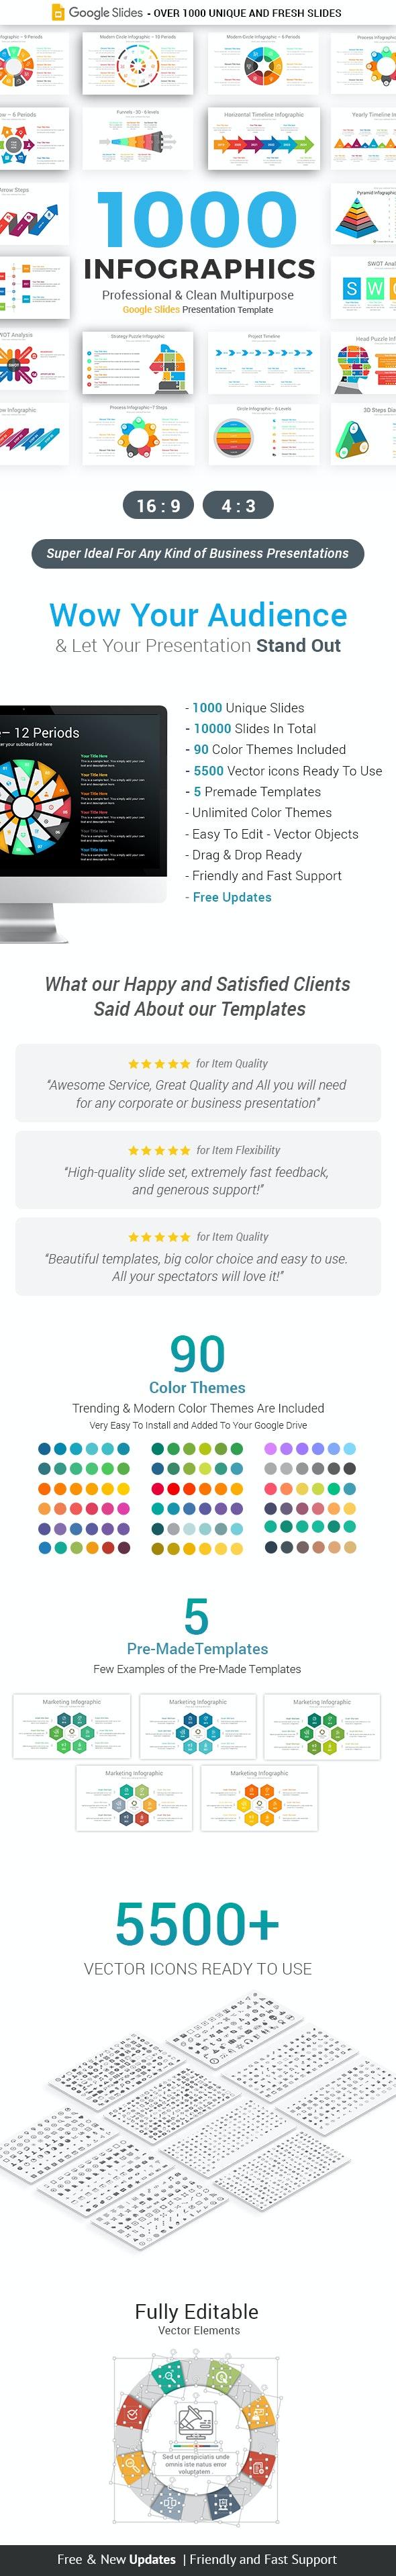 Infographics Pack Google Slides Diagrams - Google Slides Presentation Templates